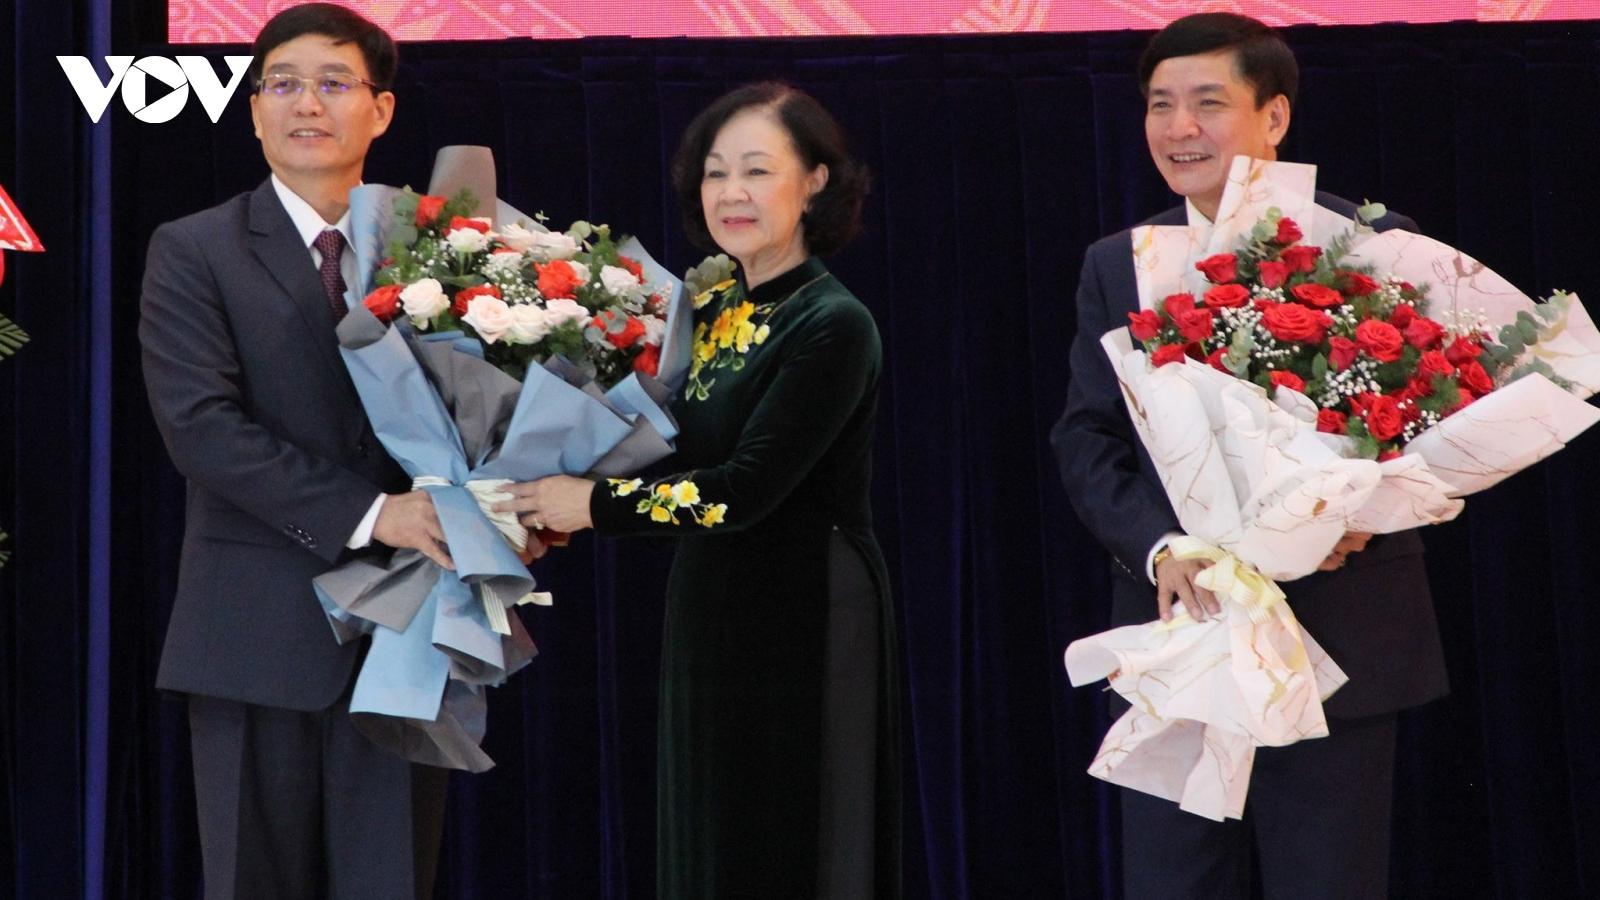 Chủ tịch tỉnh Đắk Nông giữ chức Bí thư Tỉnh uỷ Đắk Lắk